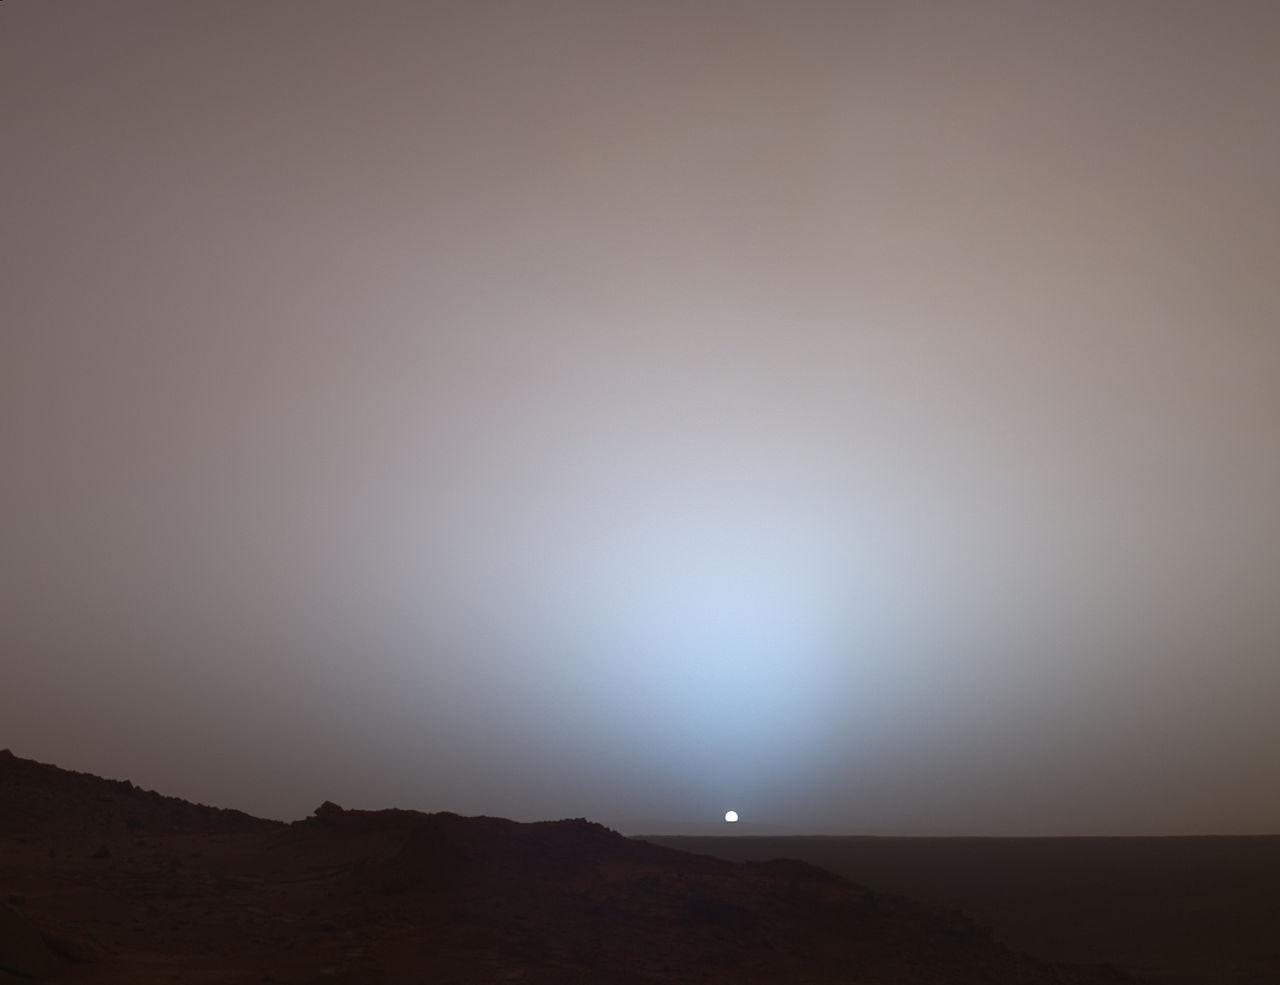 НАСА планира да създаде кислород на Марс